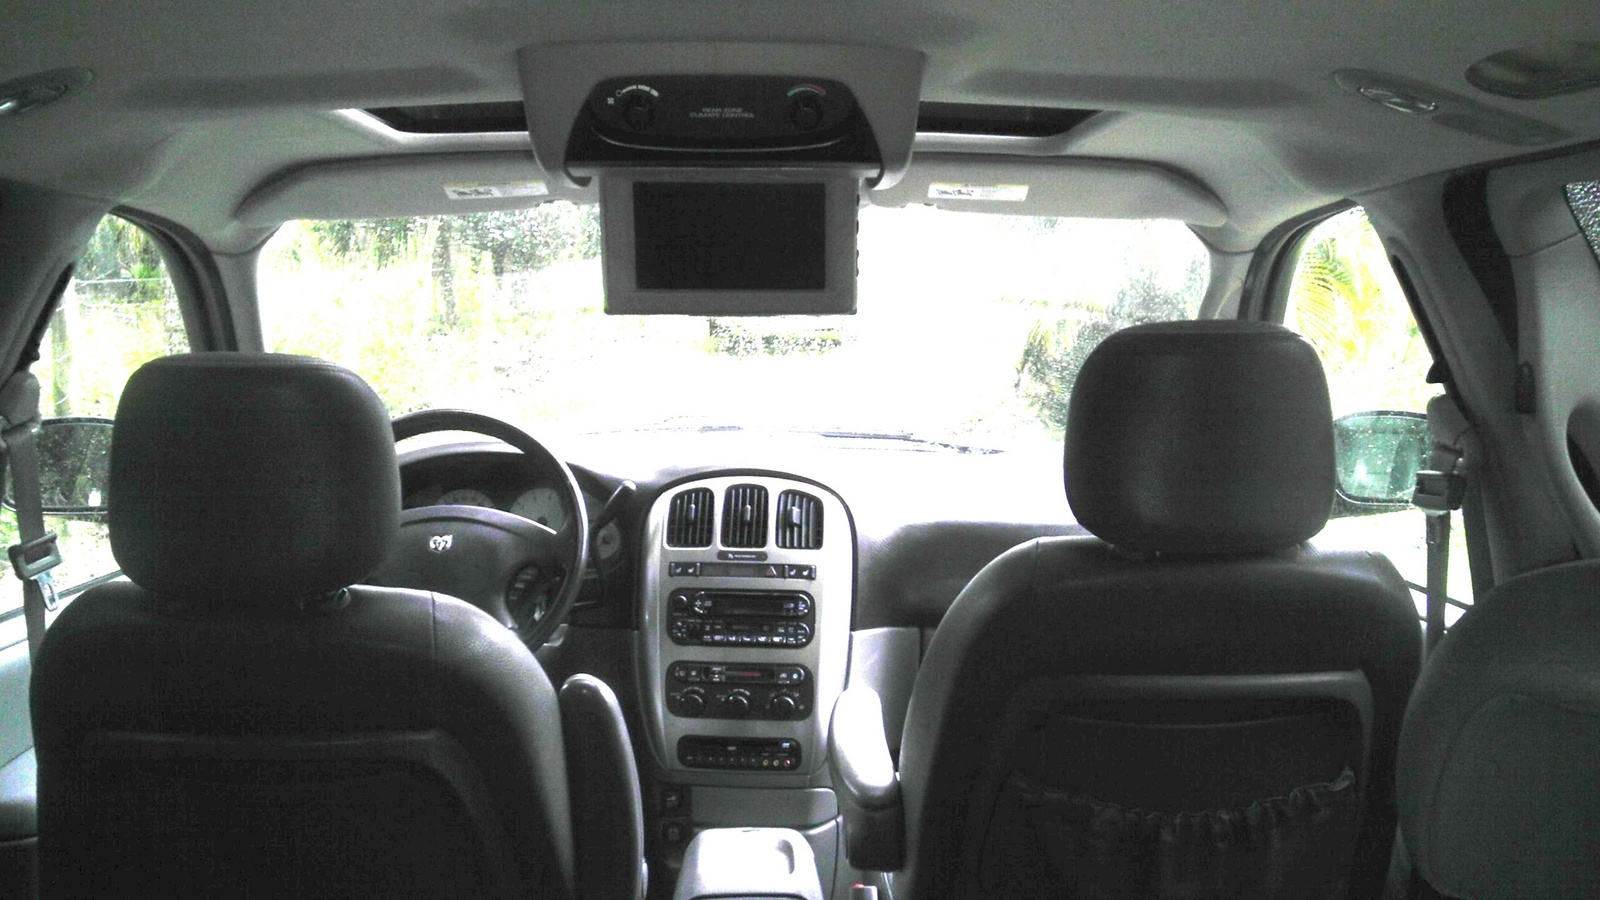 2007 dodge grand caravan interior pictures cargurus